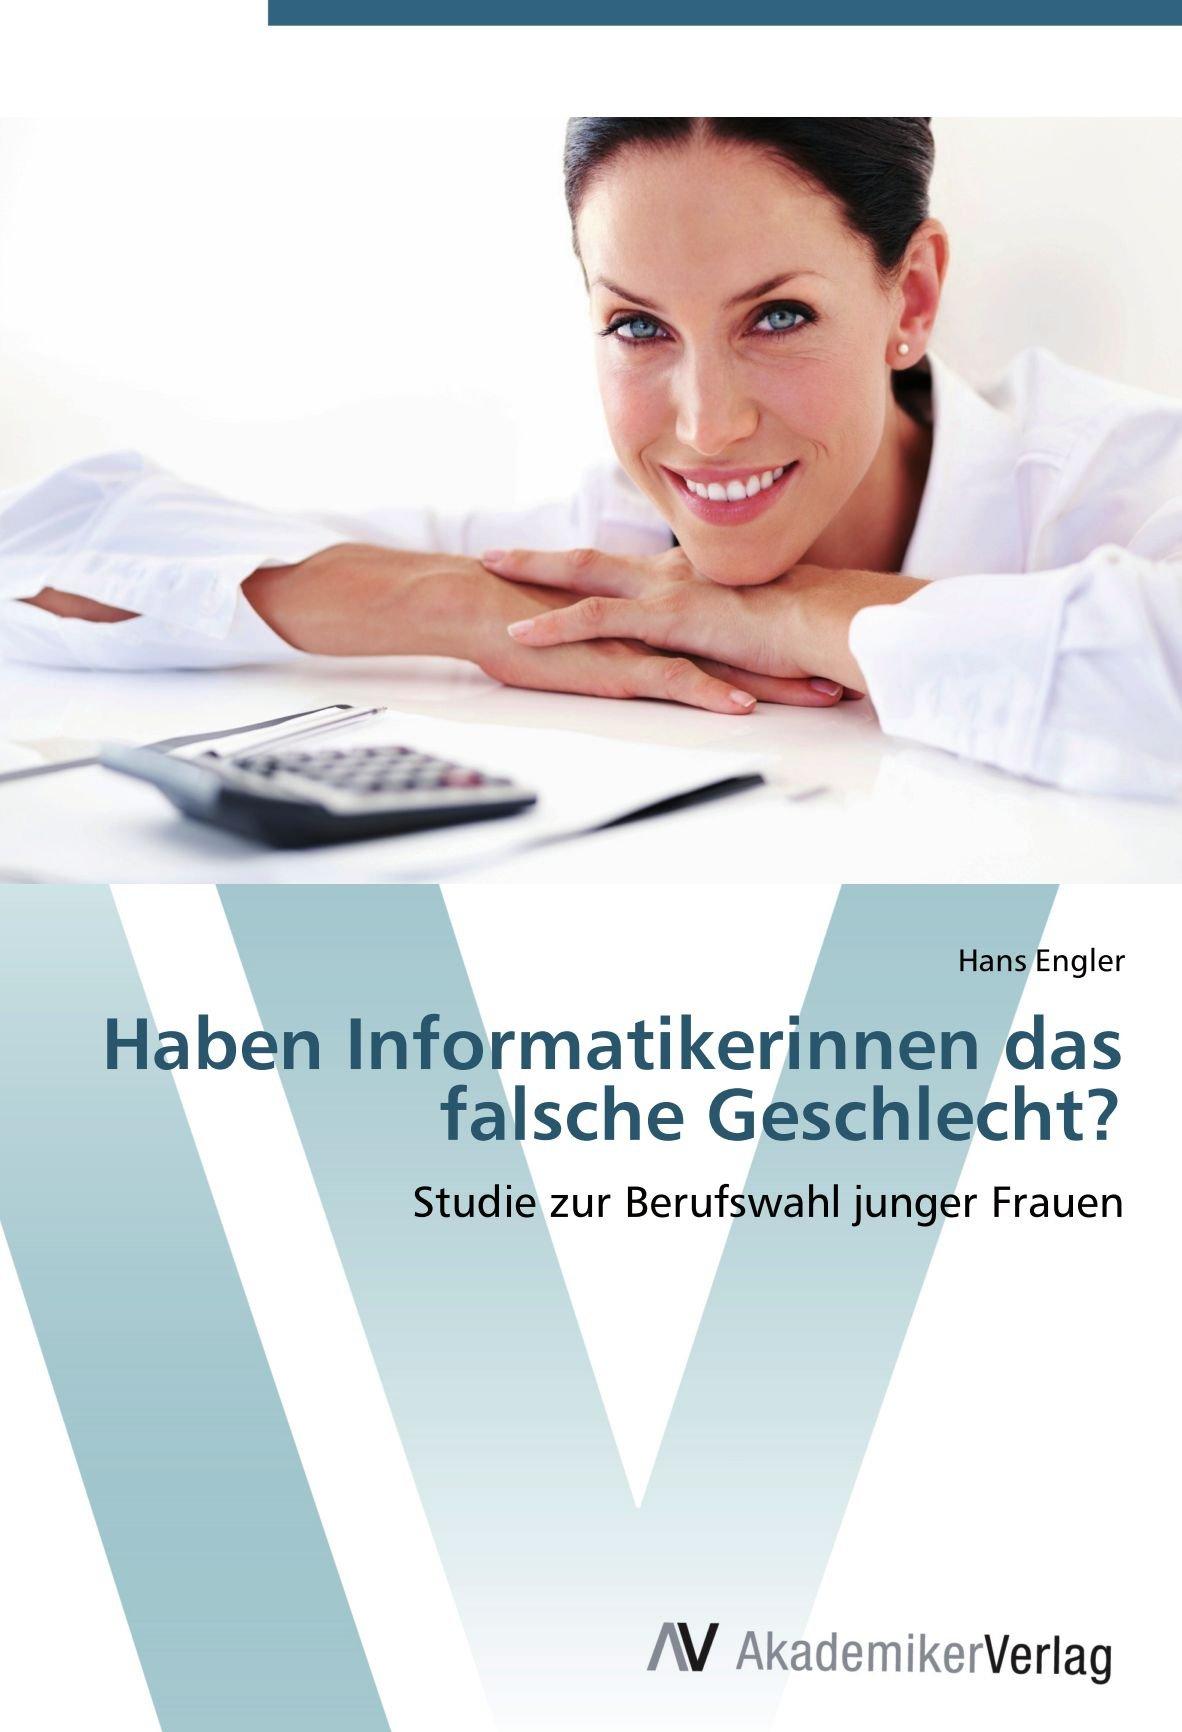 Haben Informatikerinnen das falsche Geschlecht?: Studie zur Berufswahl junger Frauen (German Edition) ebook